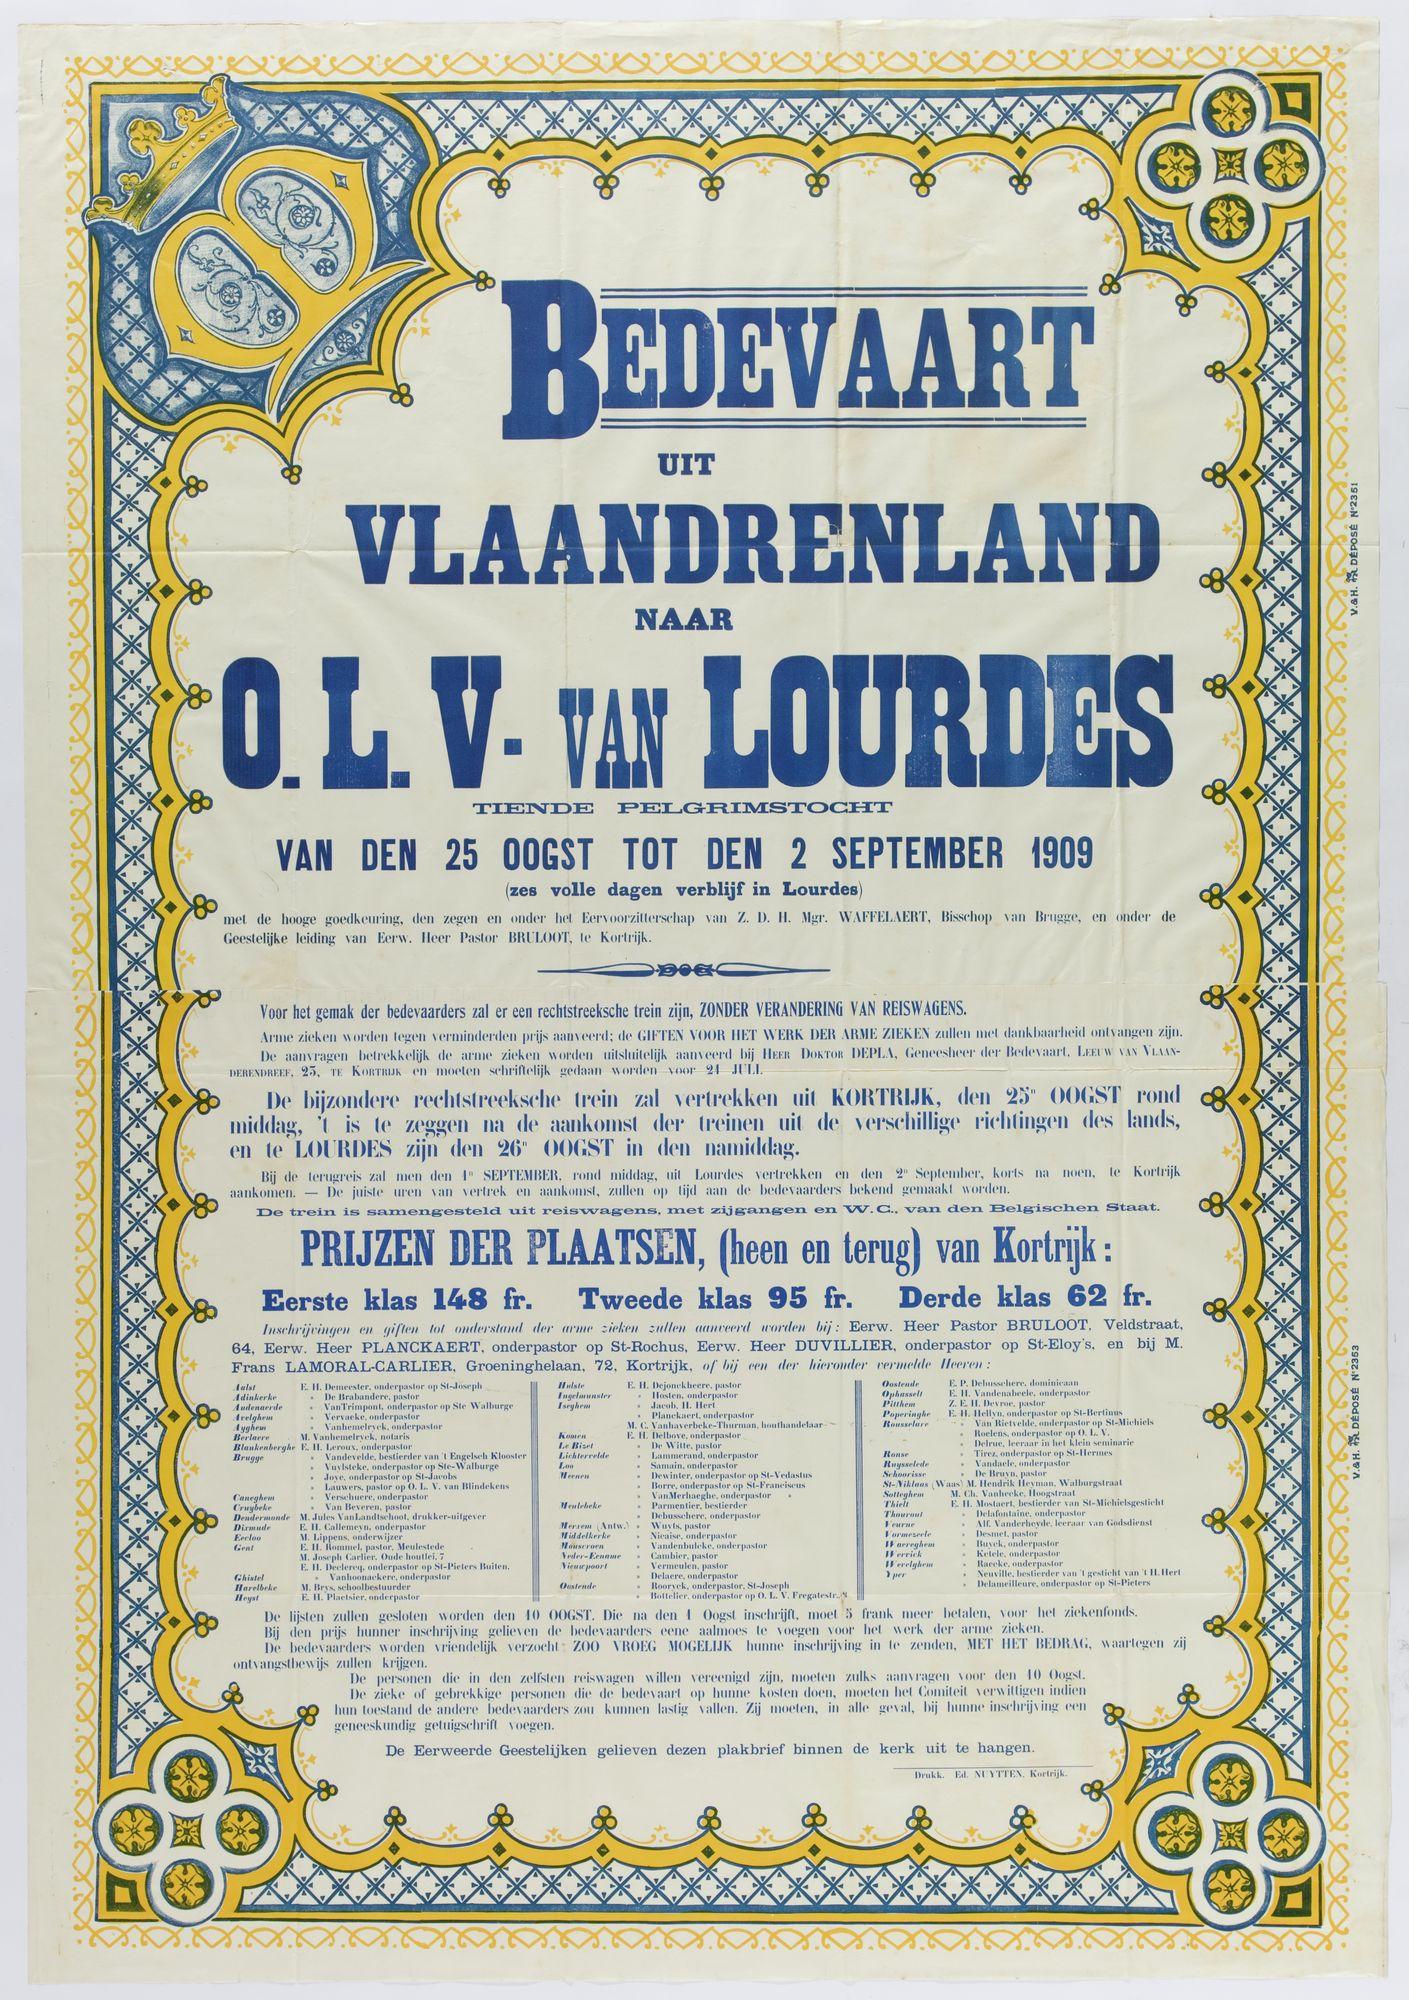 Bedevaart Lourdes 1909